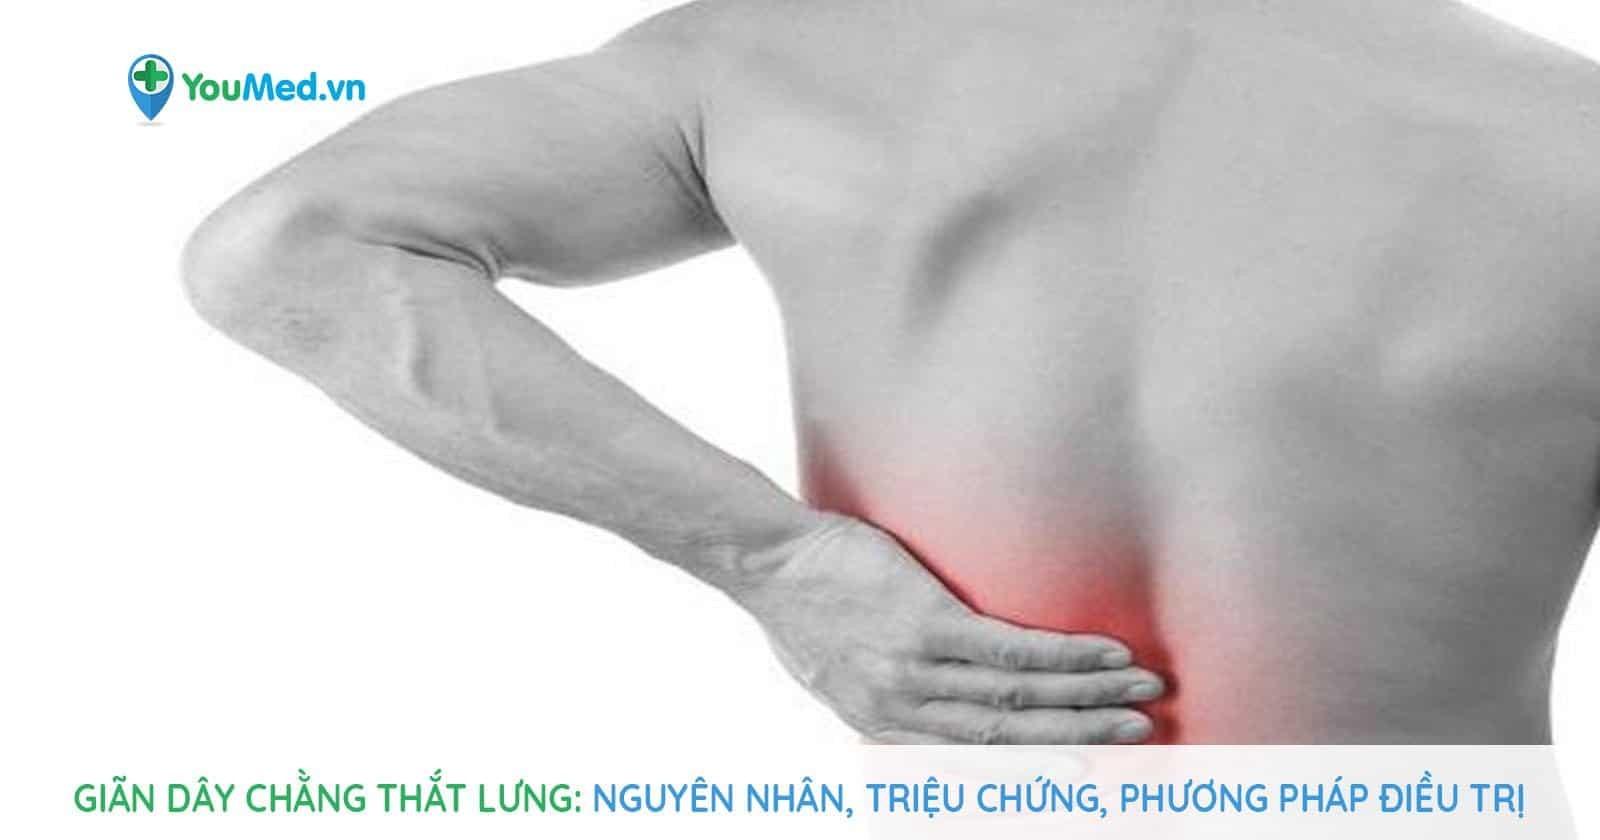 Giãn dây chằng thắt lưng: Nguyên nhân, triệu chứng, phương pháp điều trị